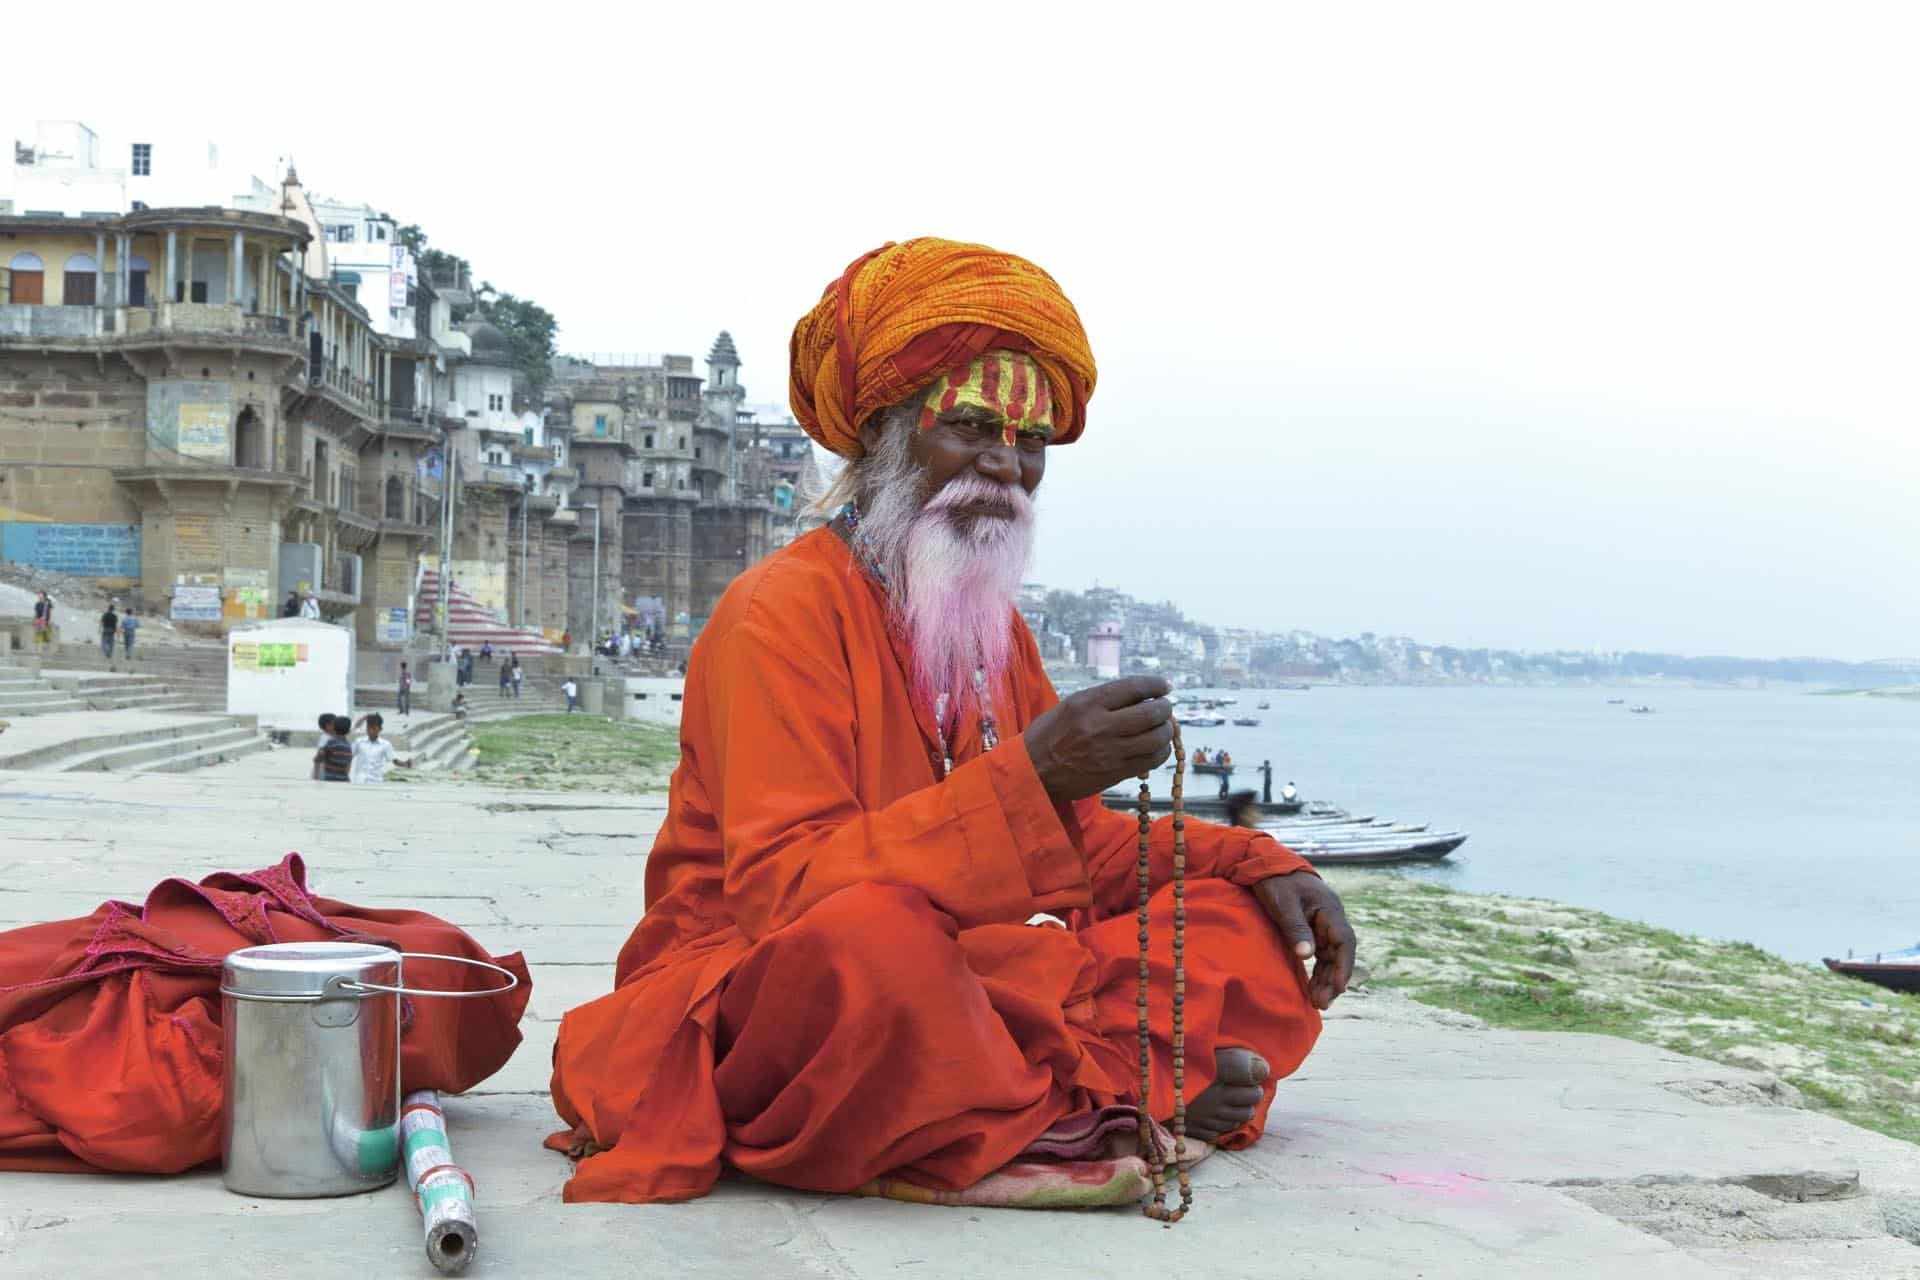 Un sadhu contemplando elmar